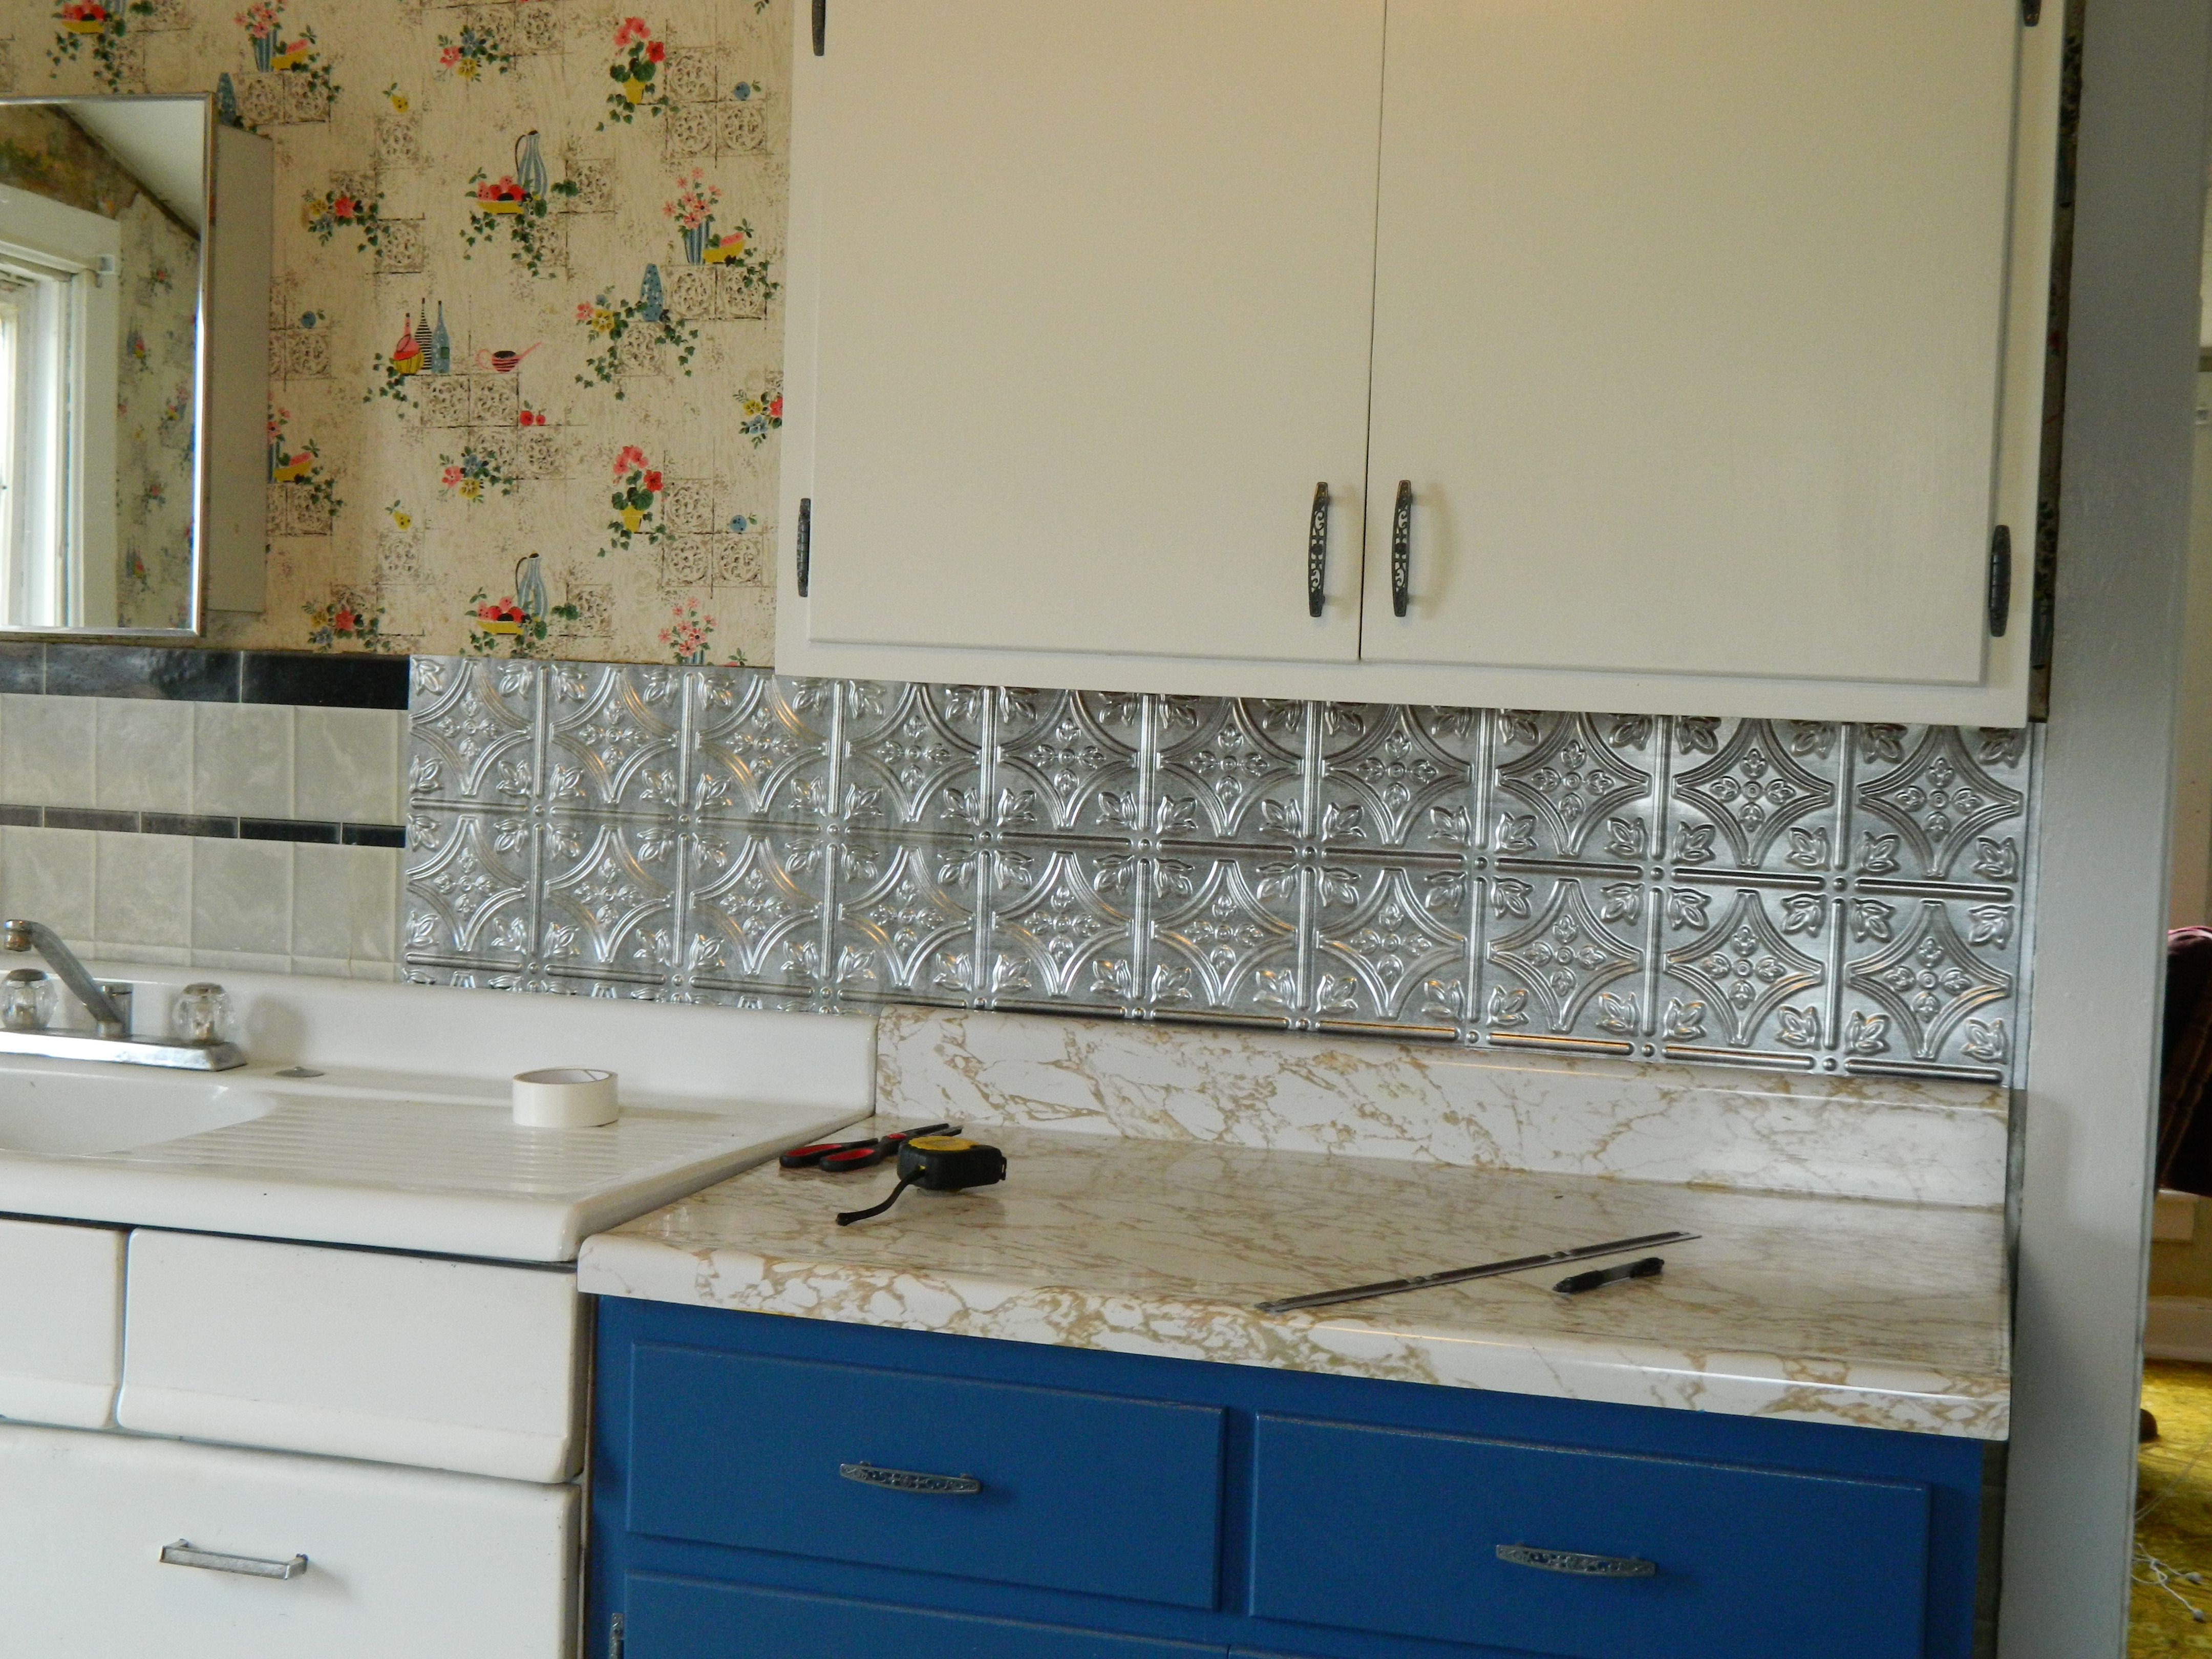 Subway Tile Backsplash Lowes Lowes Tile Backsplash Faux Stone Backsplash Lowes Inexpensive Kitchen Remodel Home Depot Backsplash Kitchen Tiles Backsplash